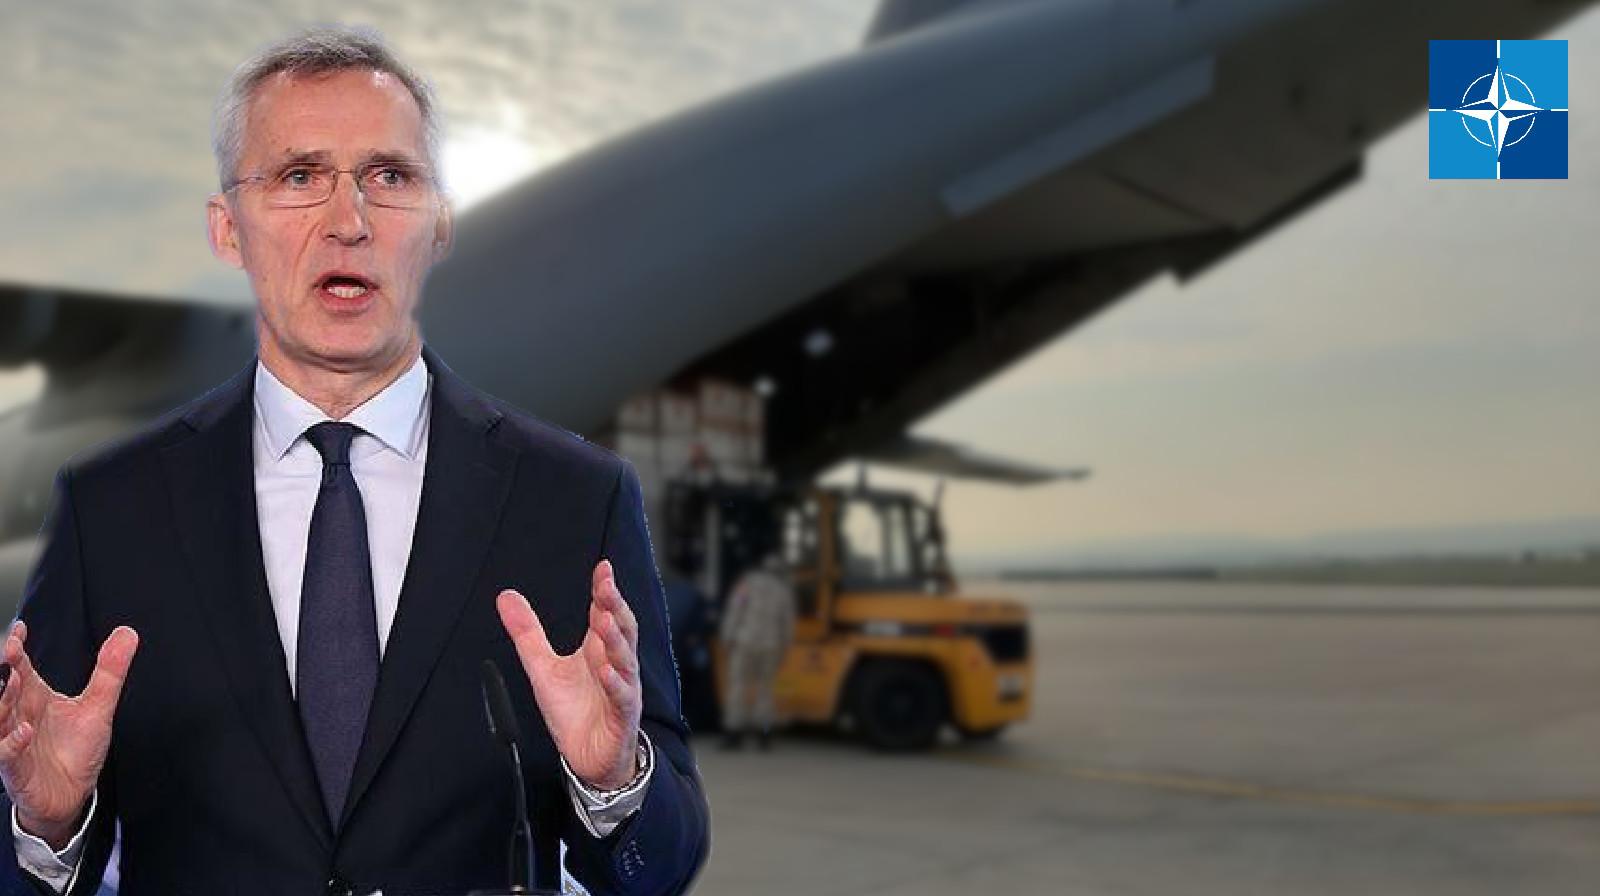 NATO Spain İtaly Turkey aid